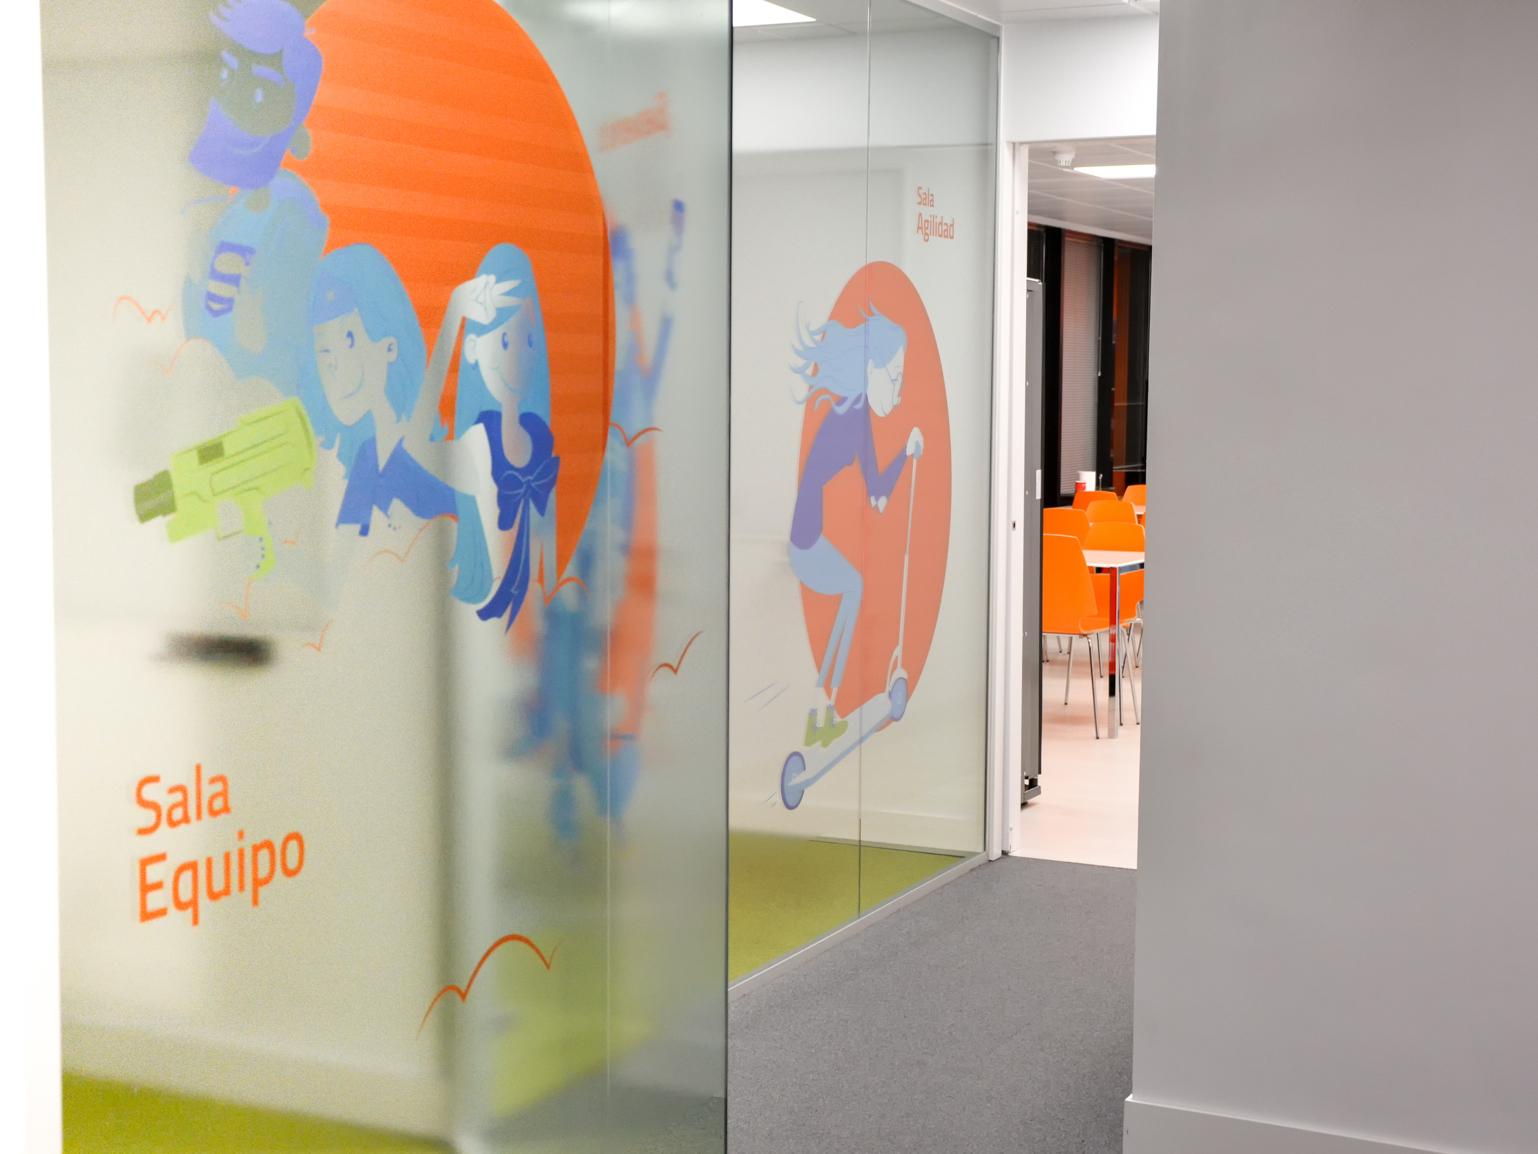 Mural company office mural branding vector design character illustrator illustration adobe illustrator